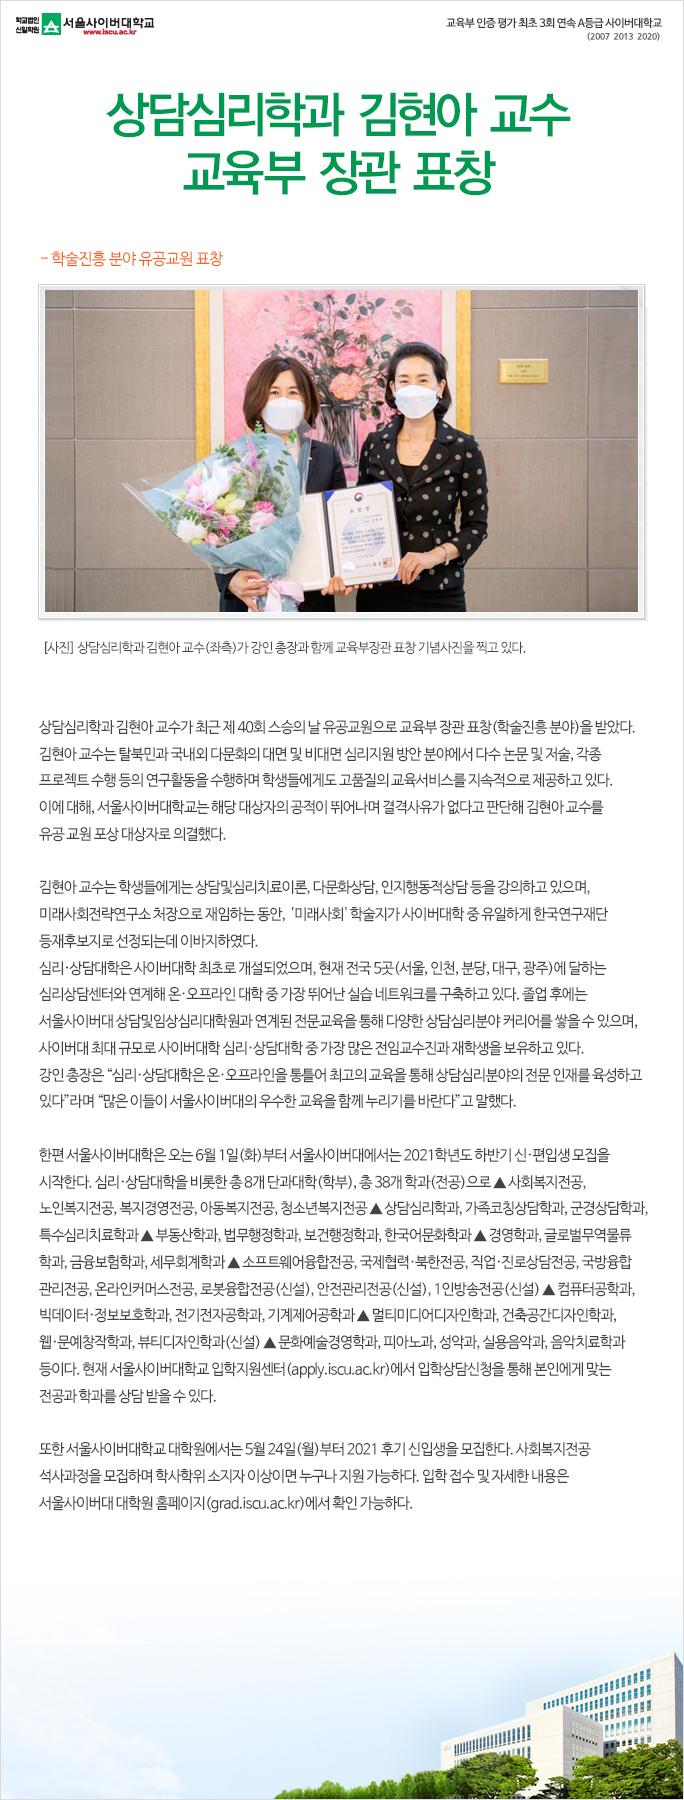 상담심리학과 김현아 교수, 교육부 장관 표창